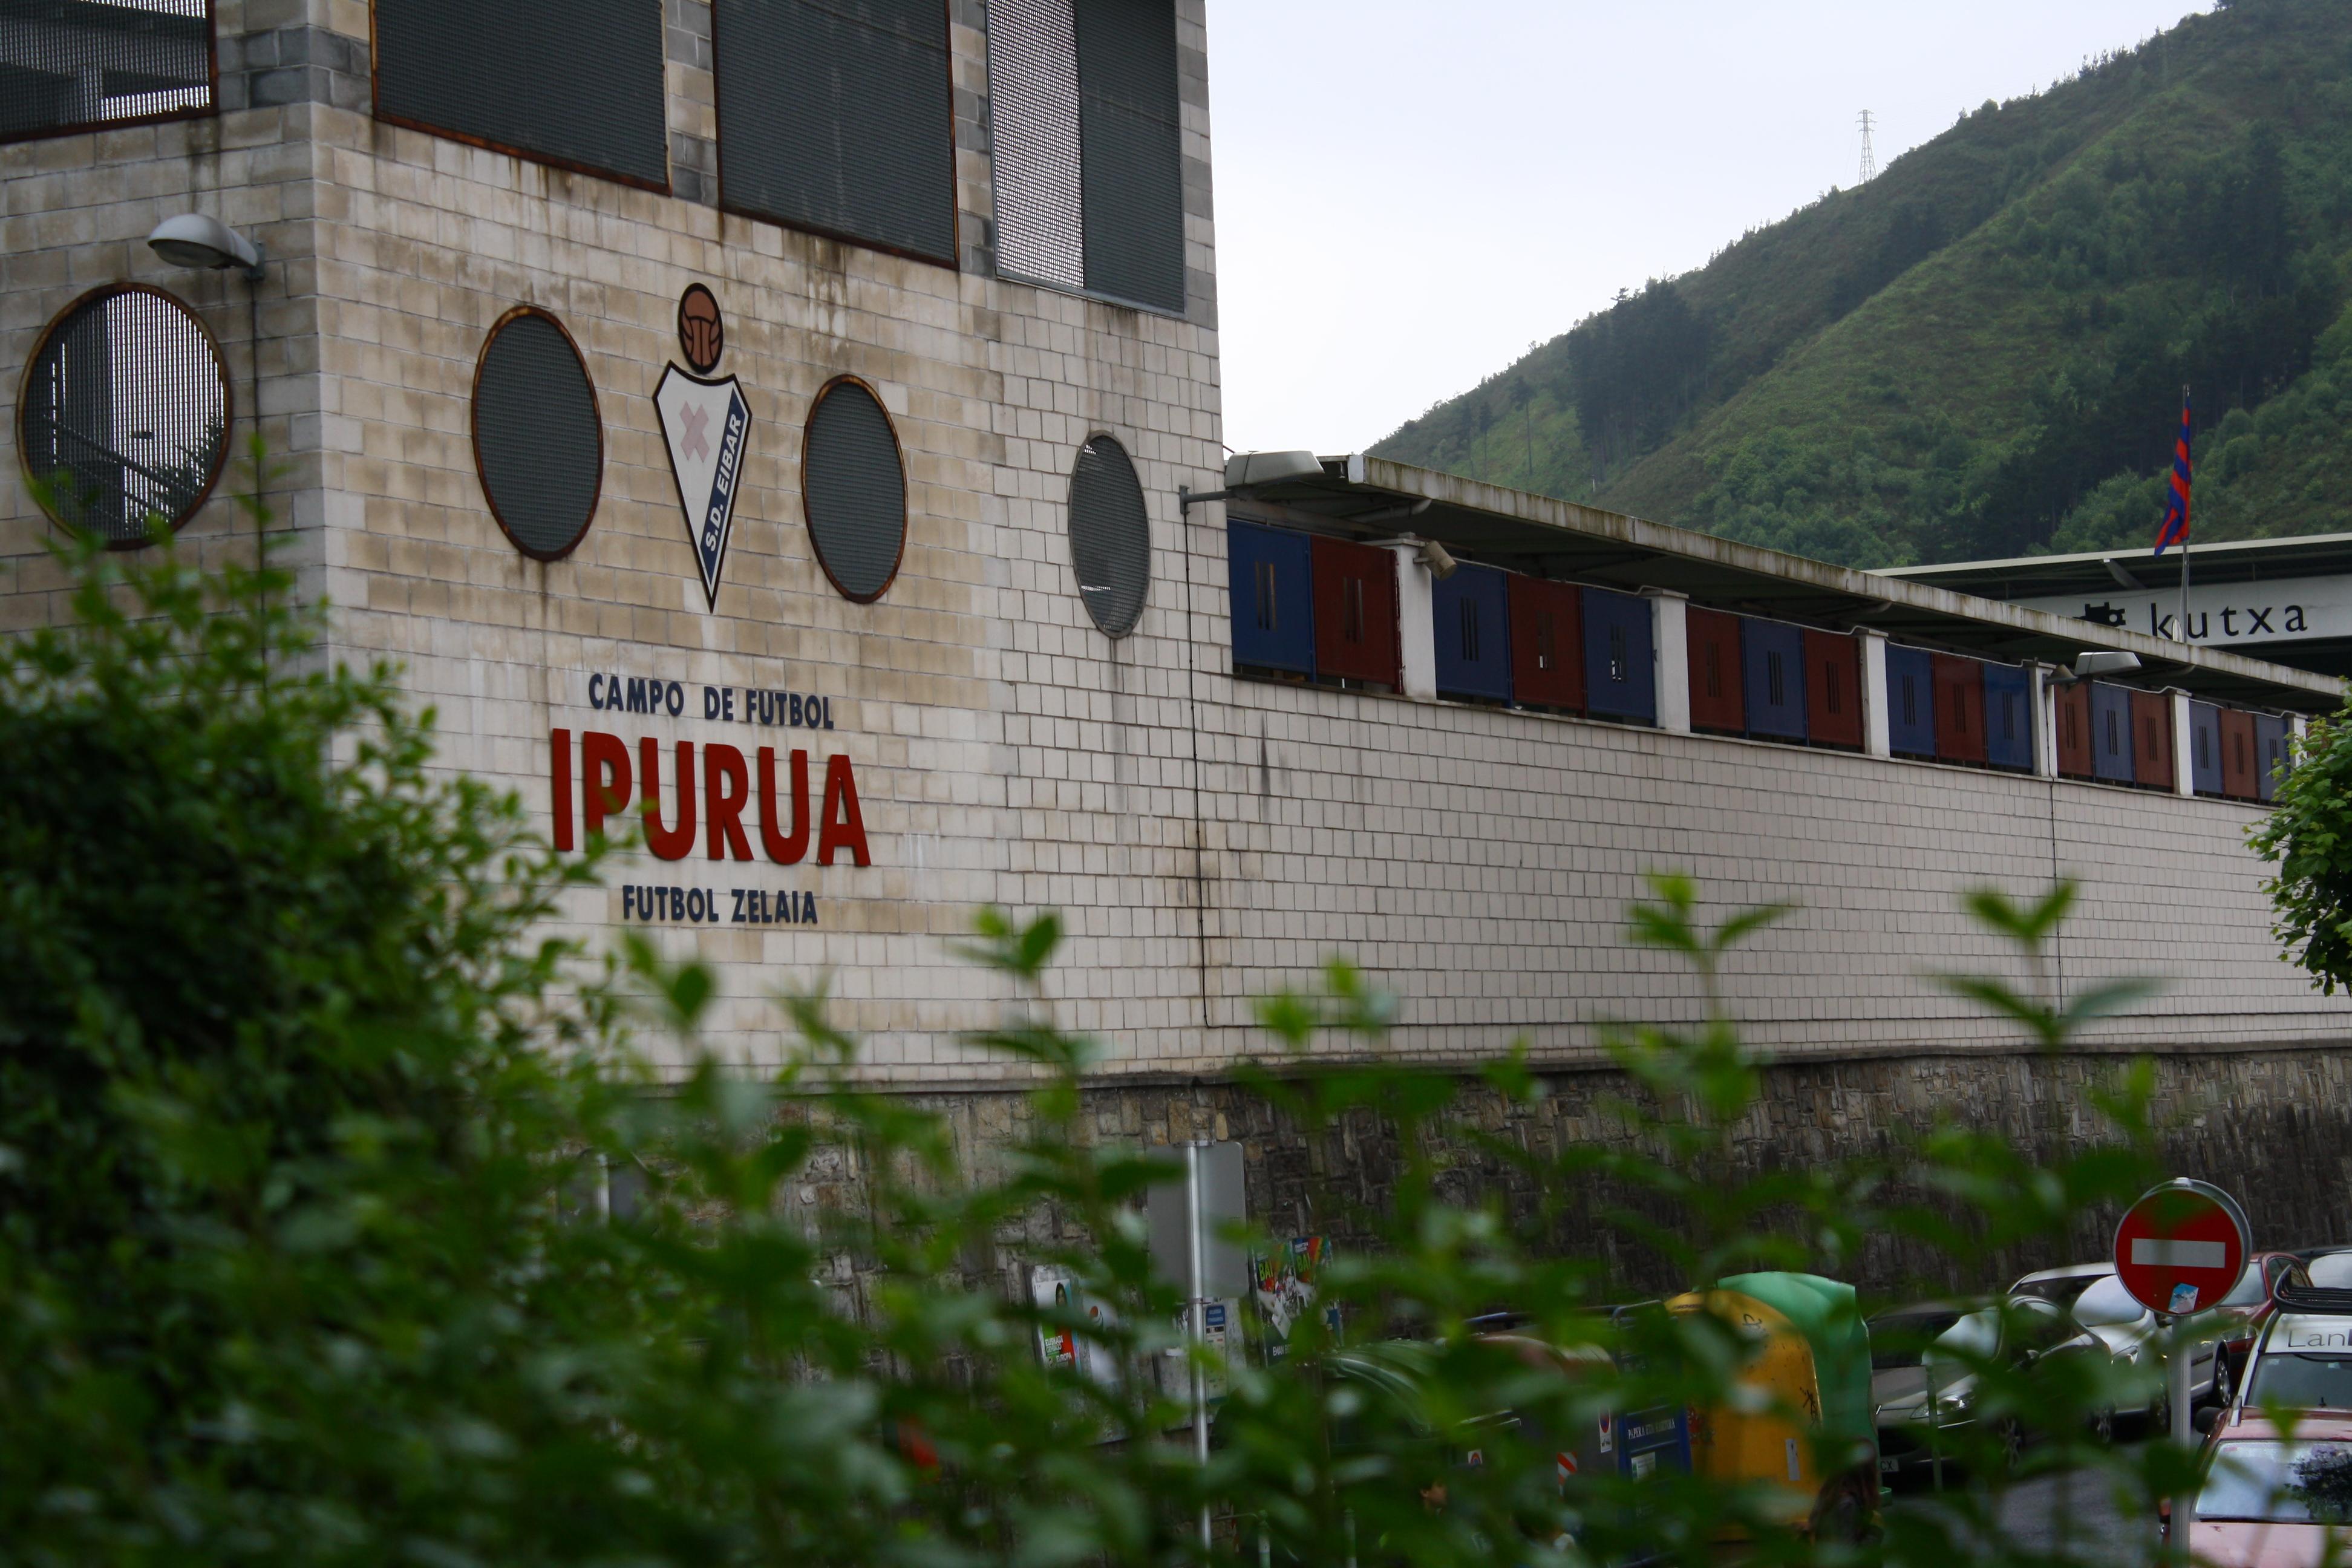 Qué ver en Eibar: Ipurua, el campo de fútbol del Eibar